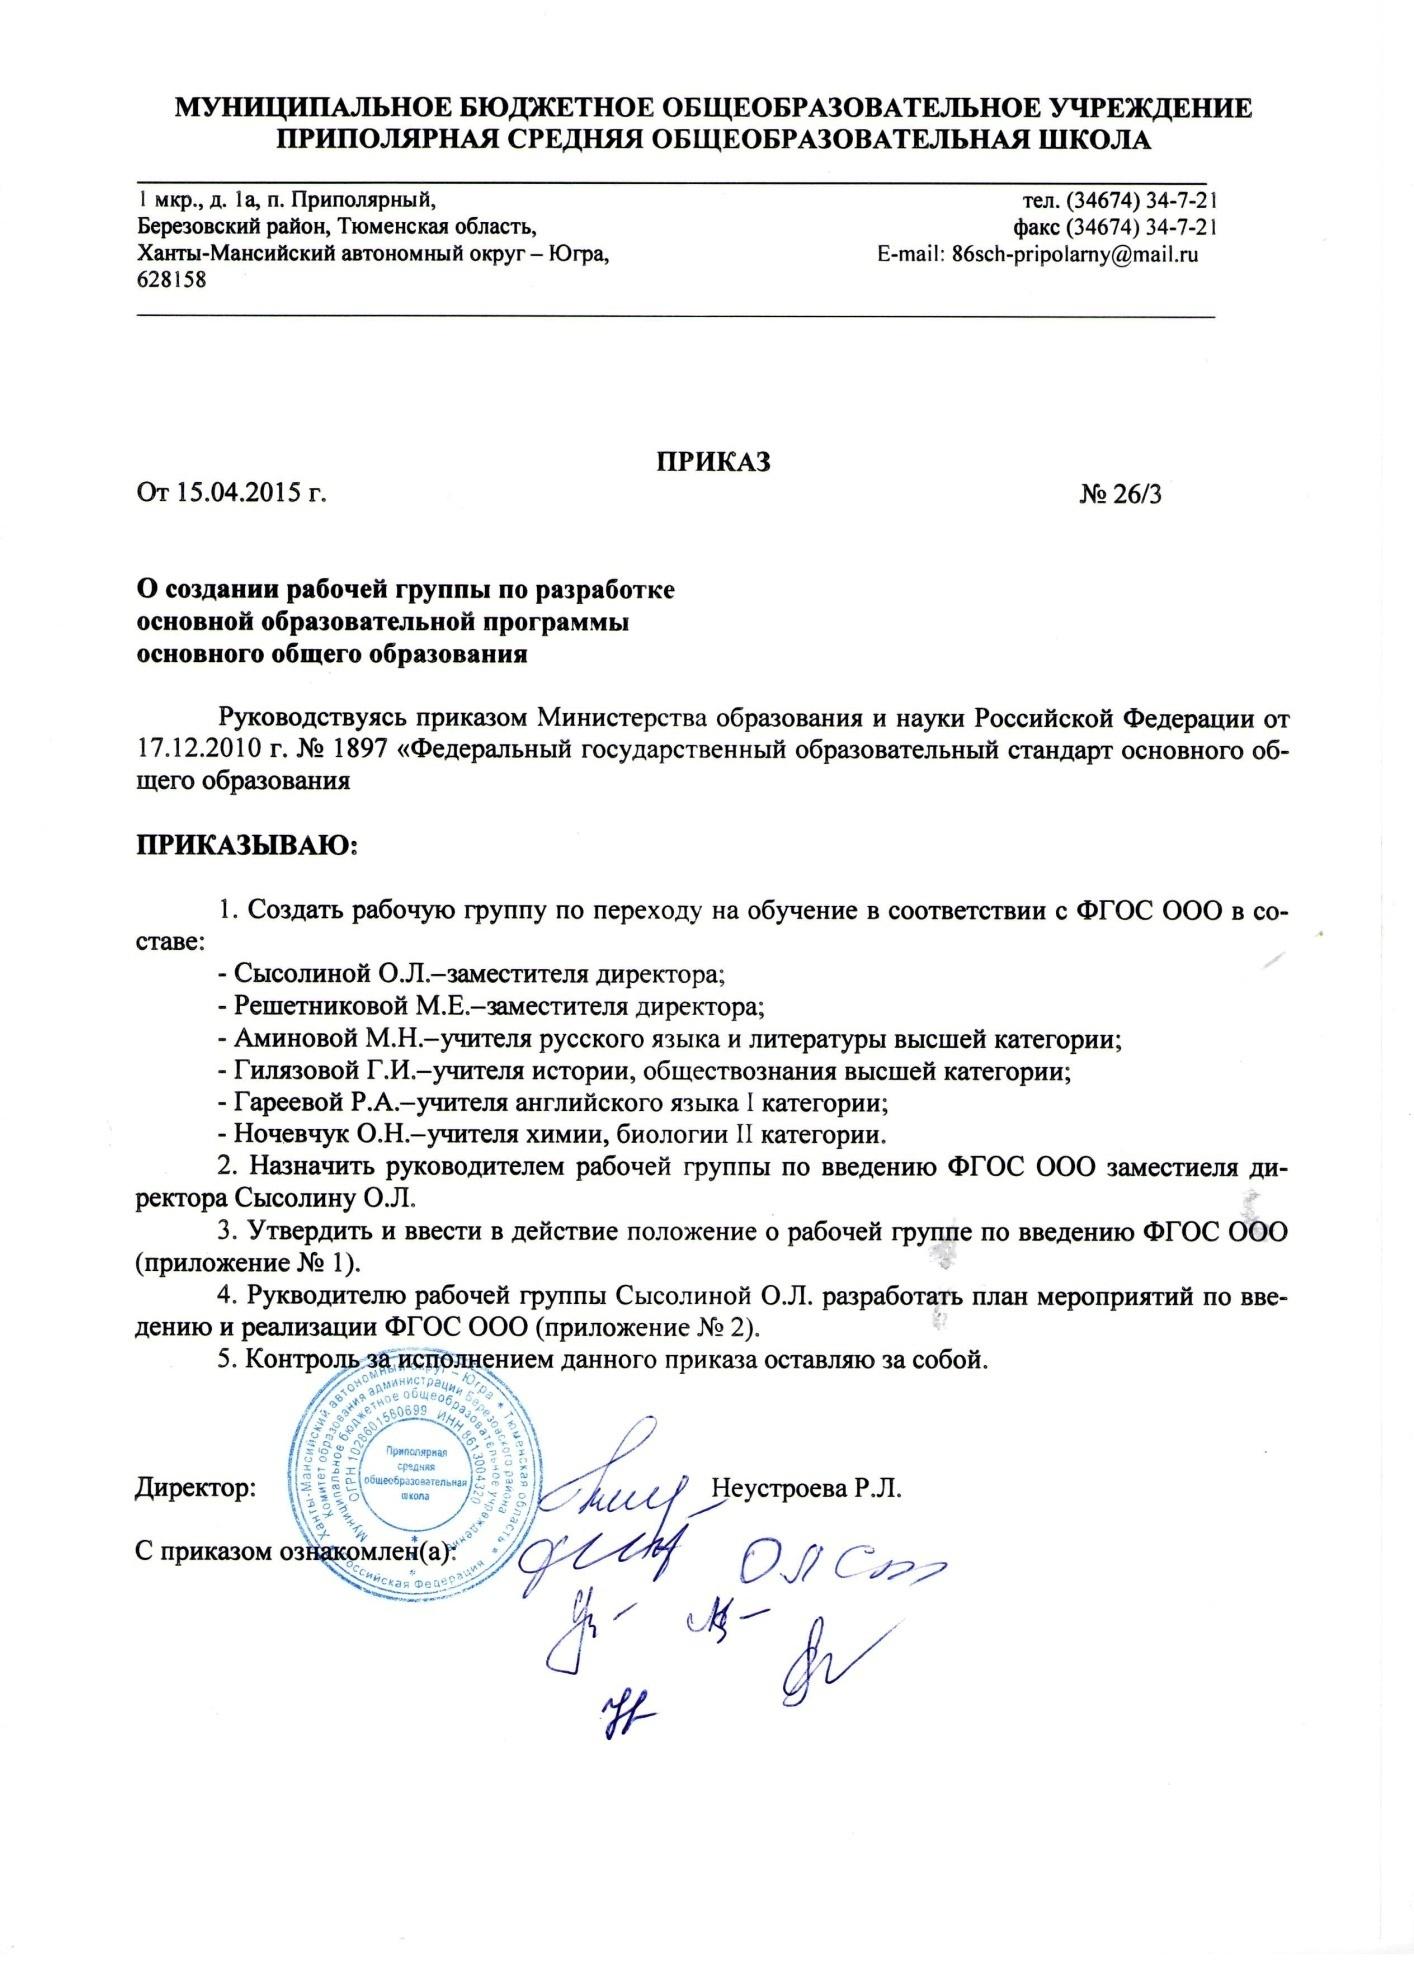 F:\документы ОНочевчук\приказы\021.jpg